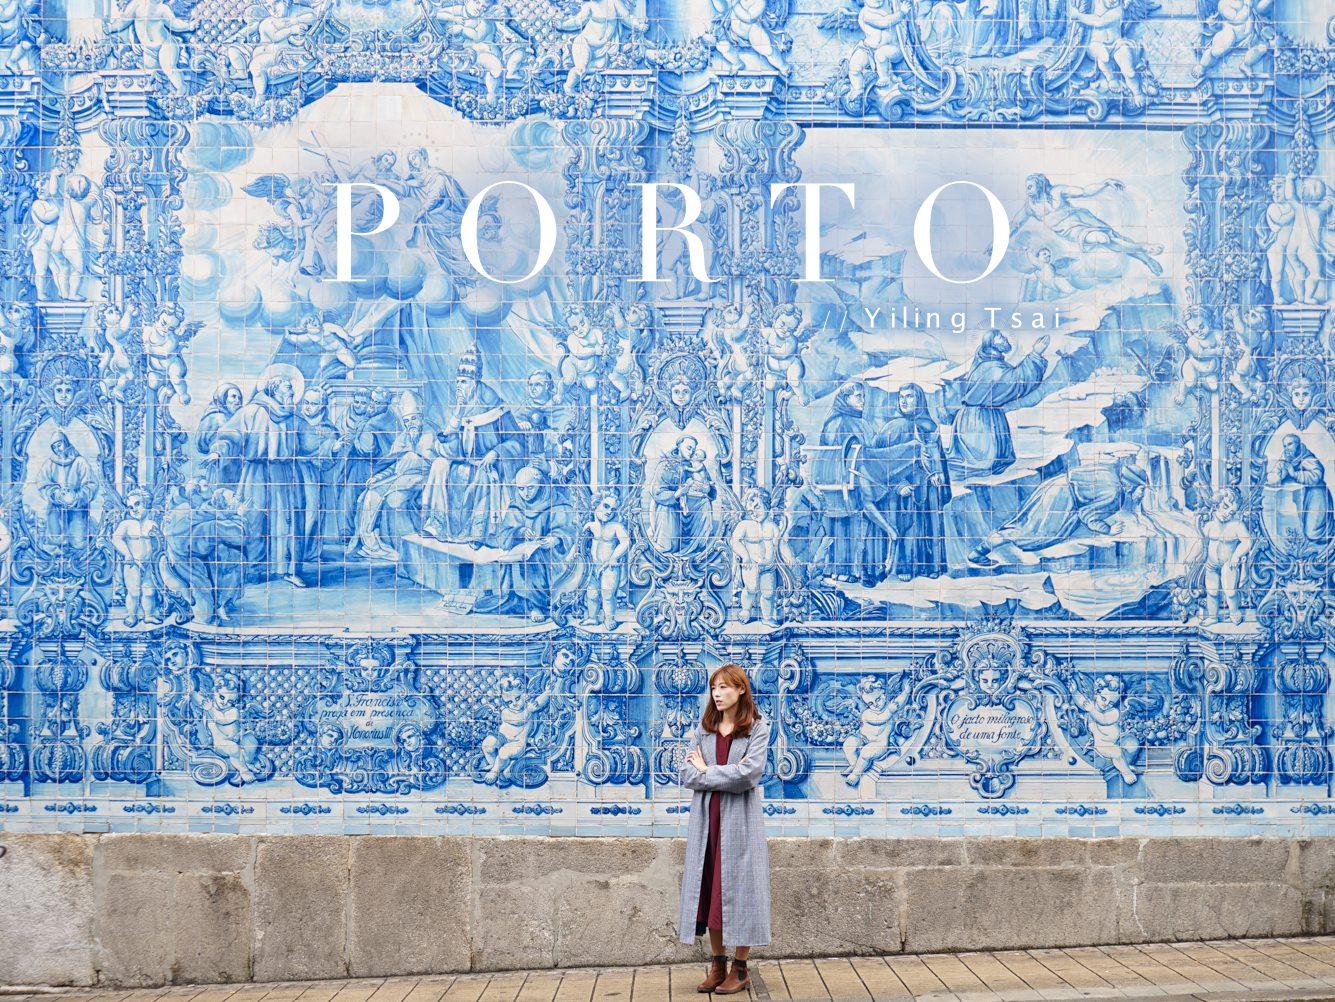 葡萄牙波多住宿總整理 波多住宿區域挑選 精選波多飯店推薦